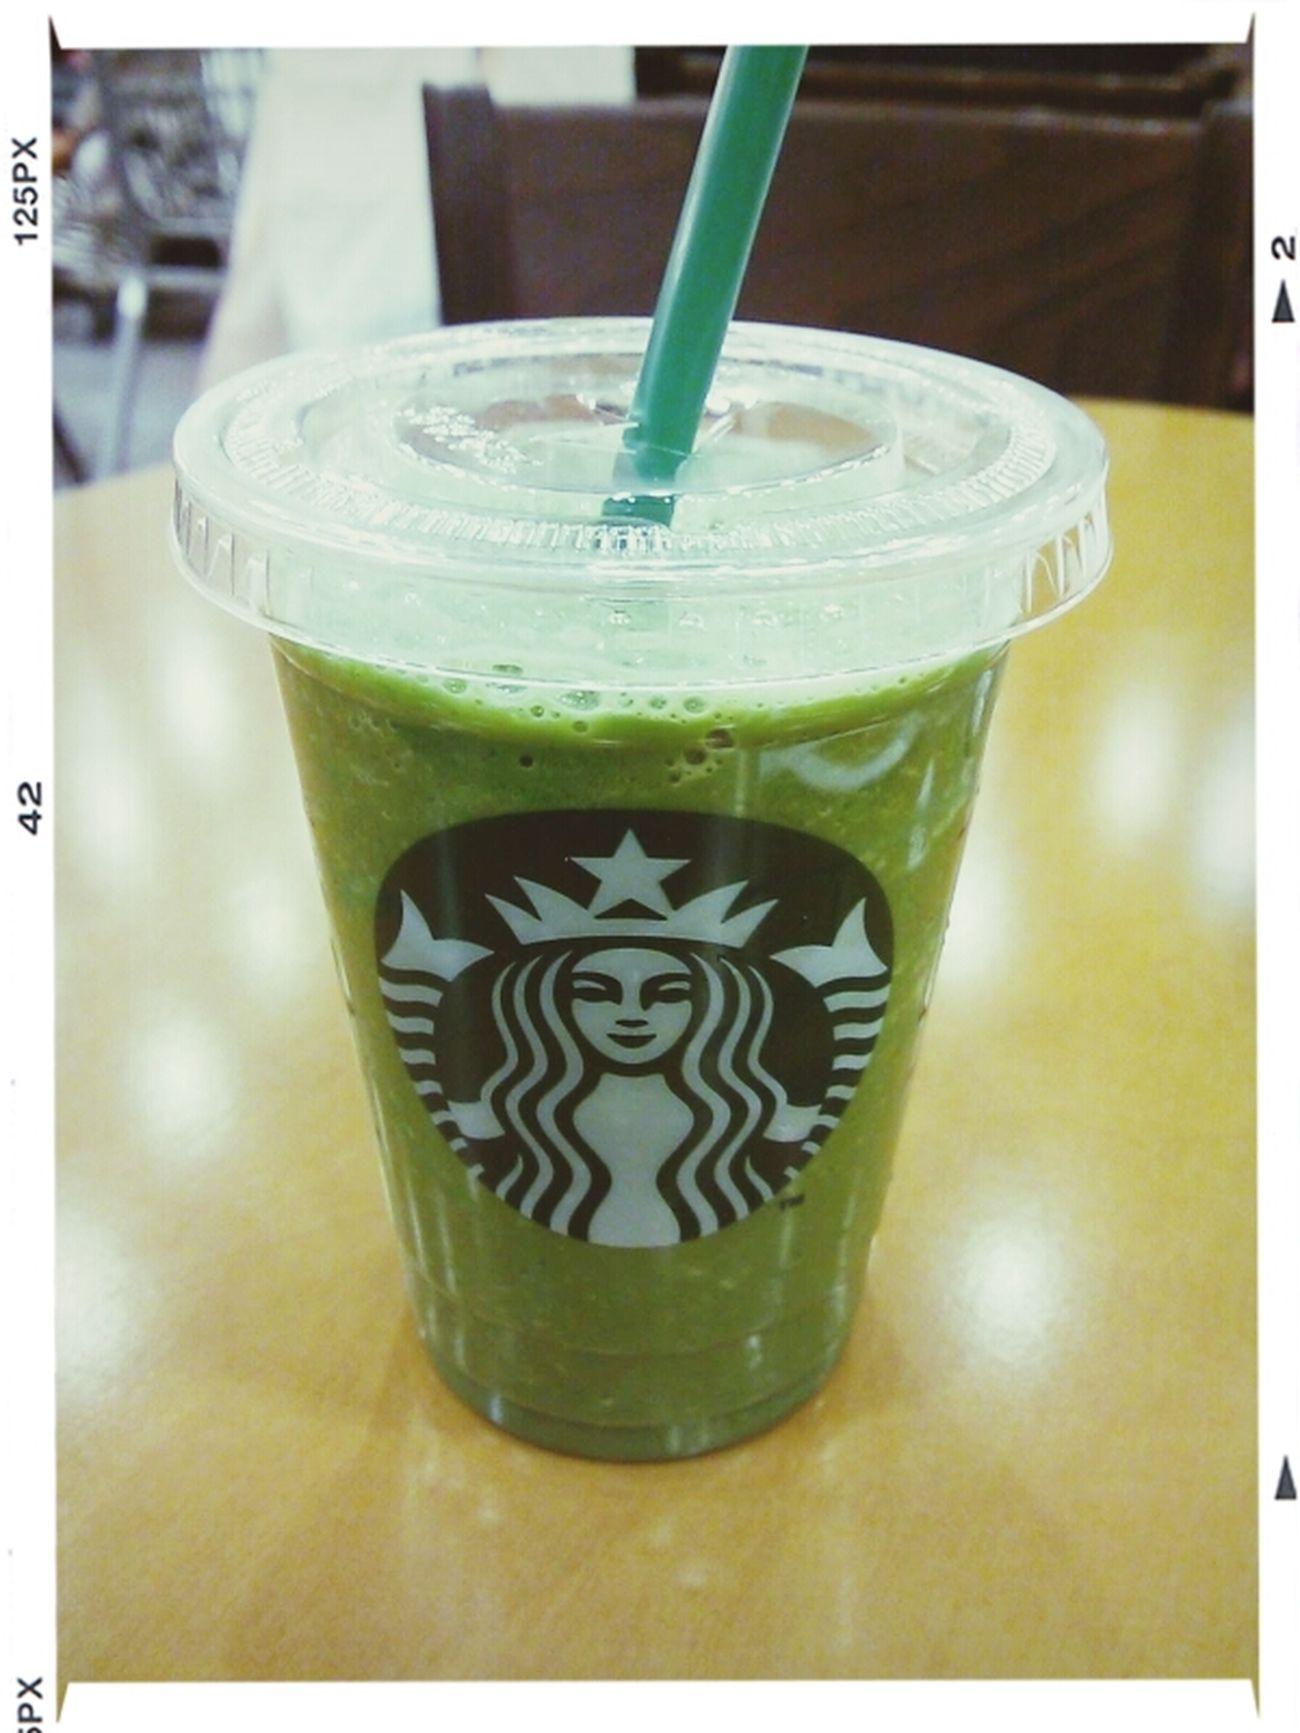 抹茶フラペチーノ(ホイップなし、シロップなし) Drinking Starbucks Maccha 抹茶フラペチーノ Japan